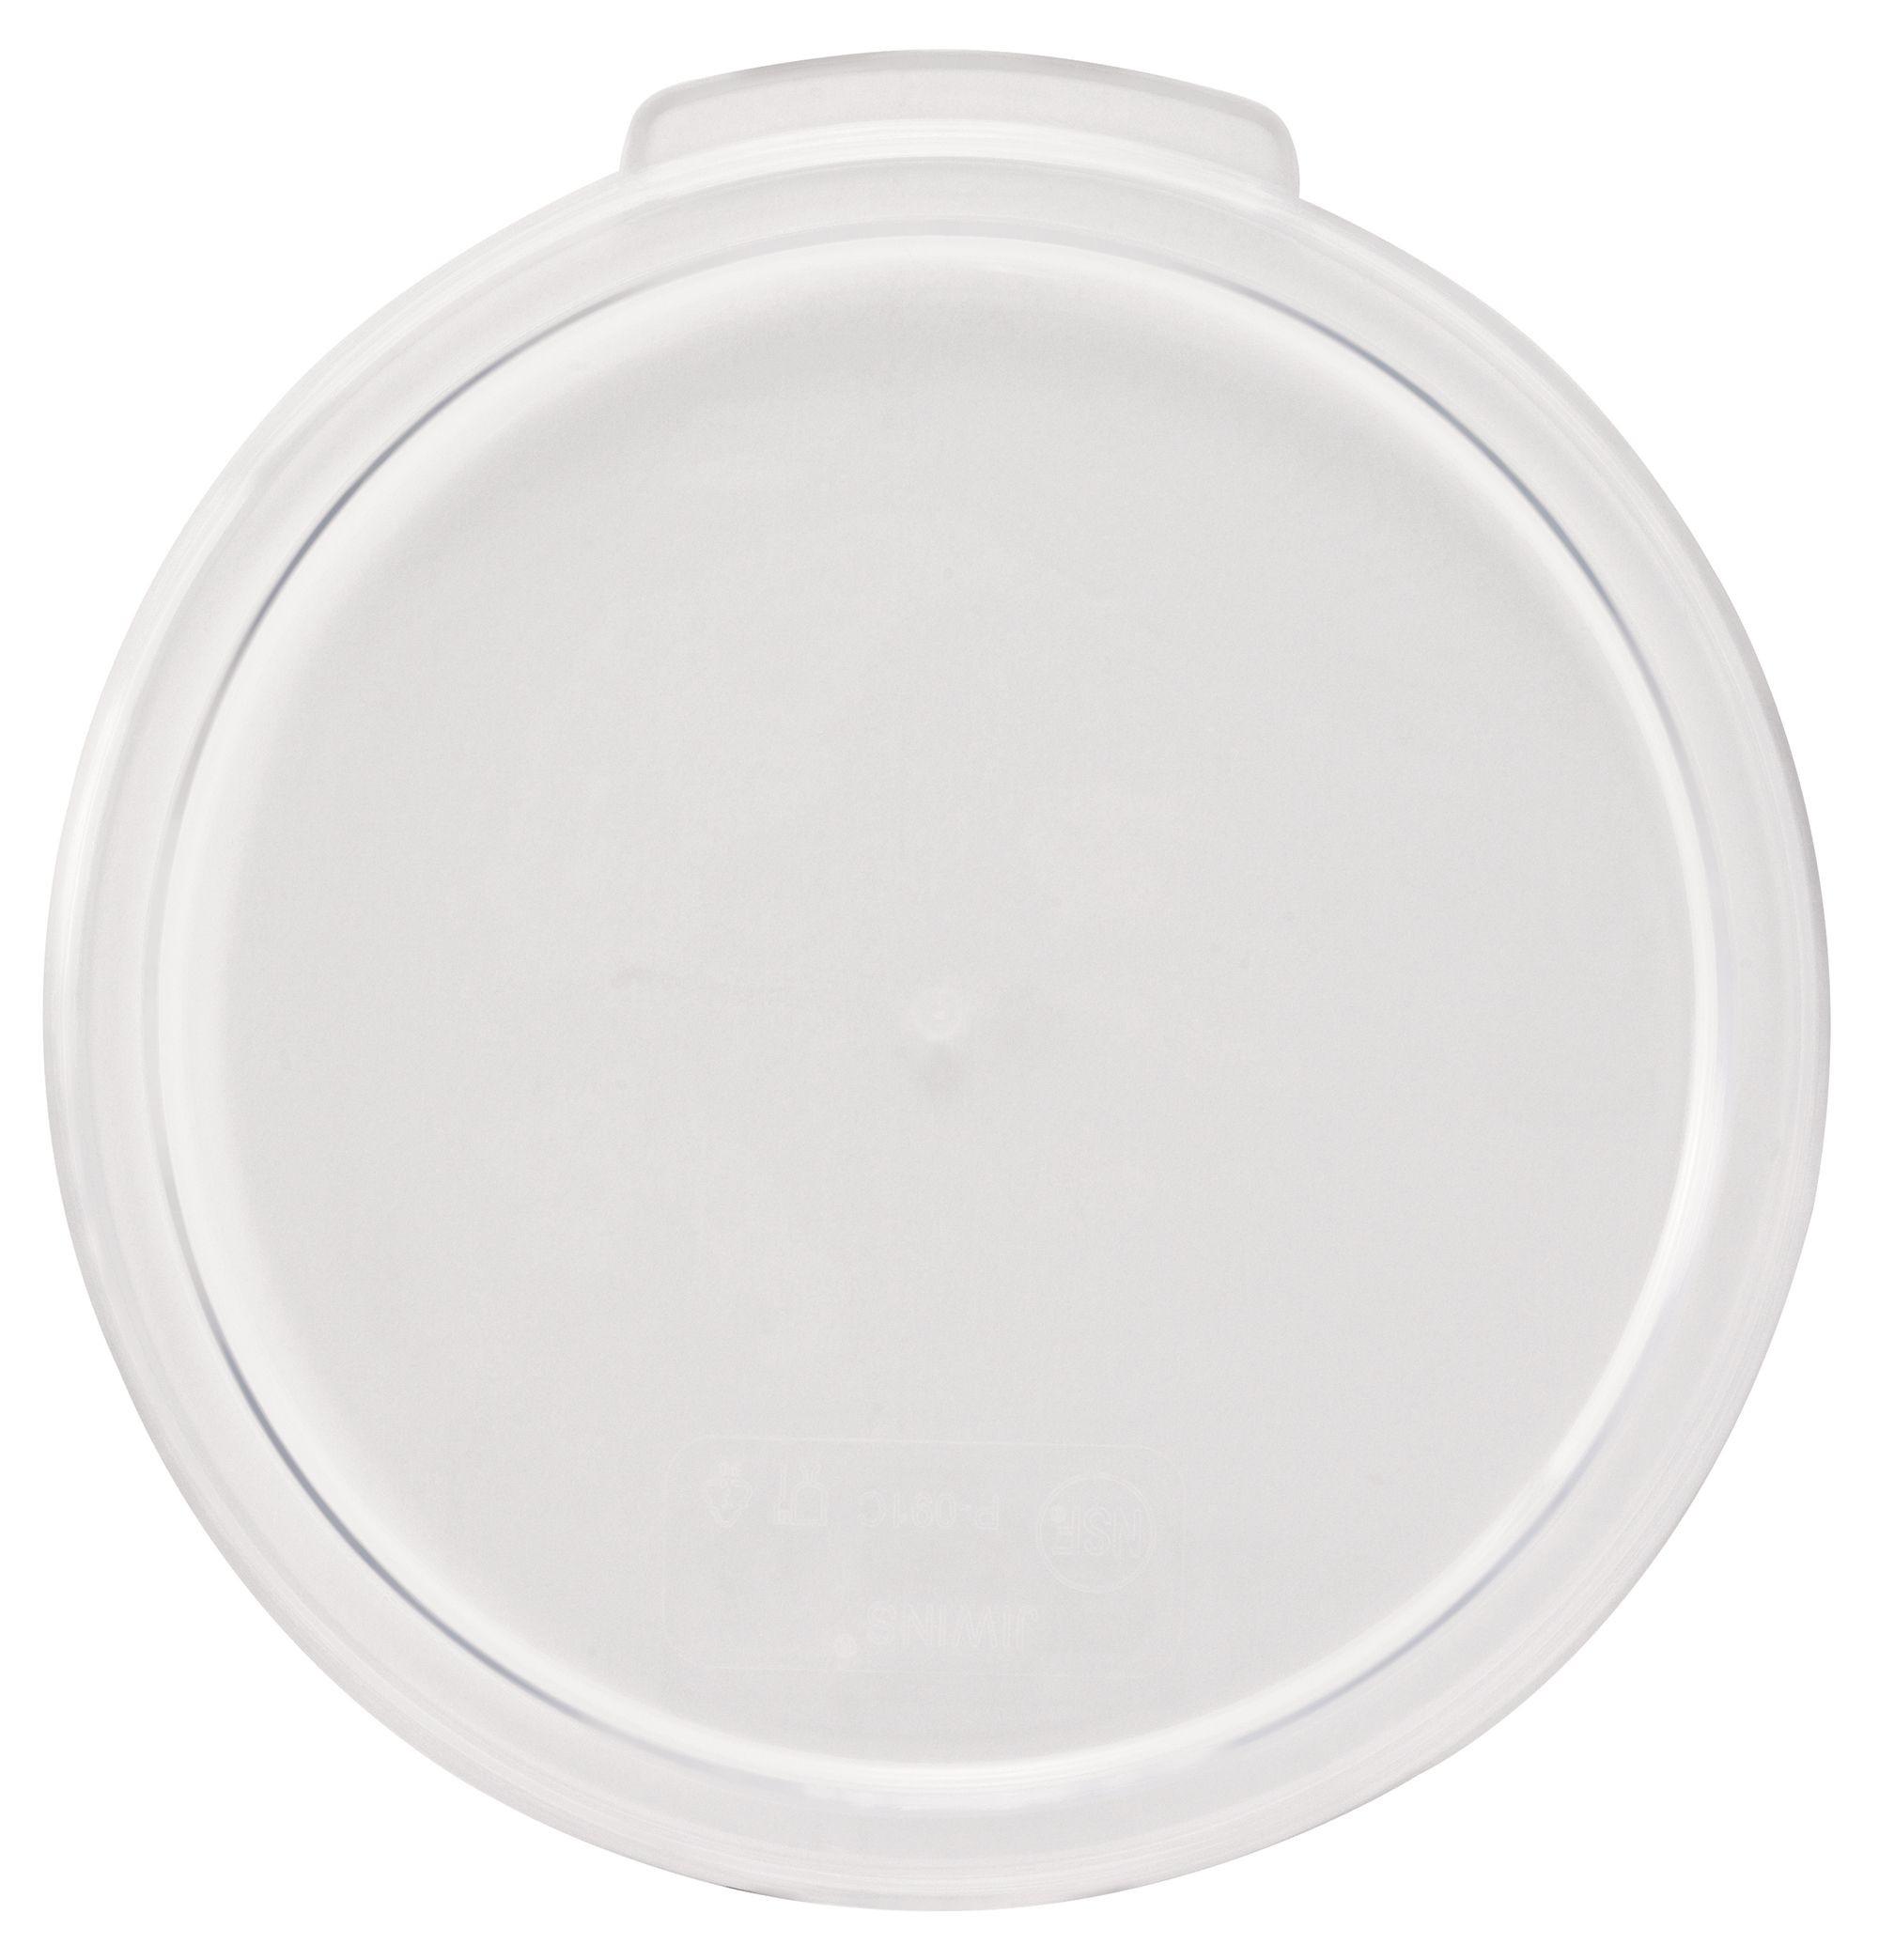 Winco PCRC-68C Round Polycarbonate Cover, Fits 6 & 8 Qt.